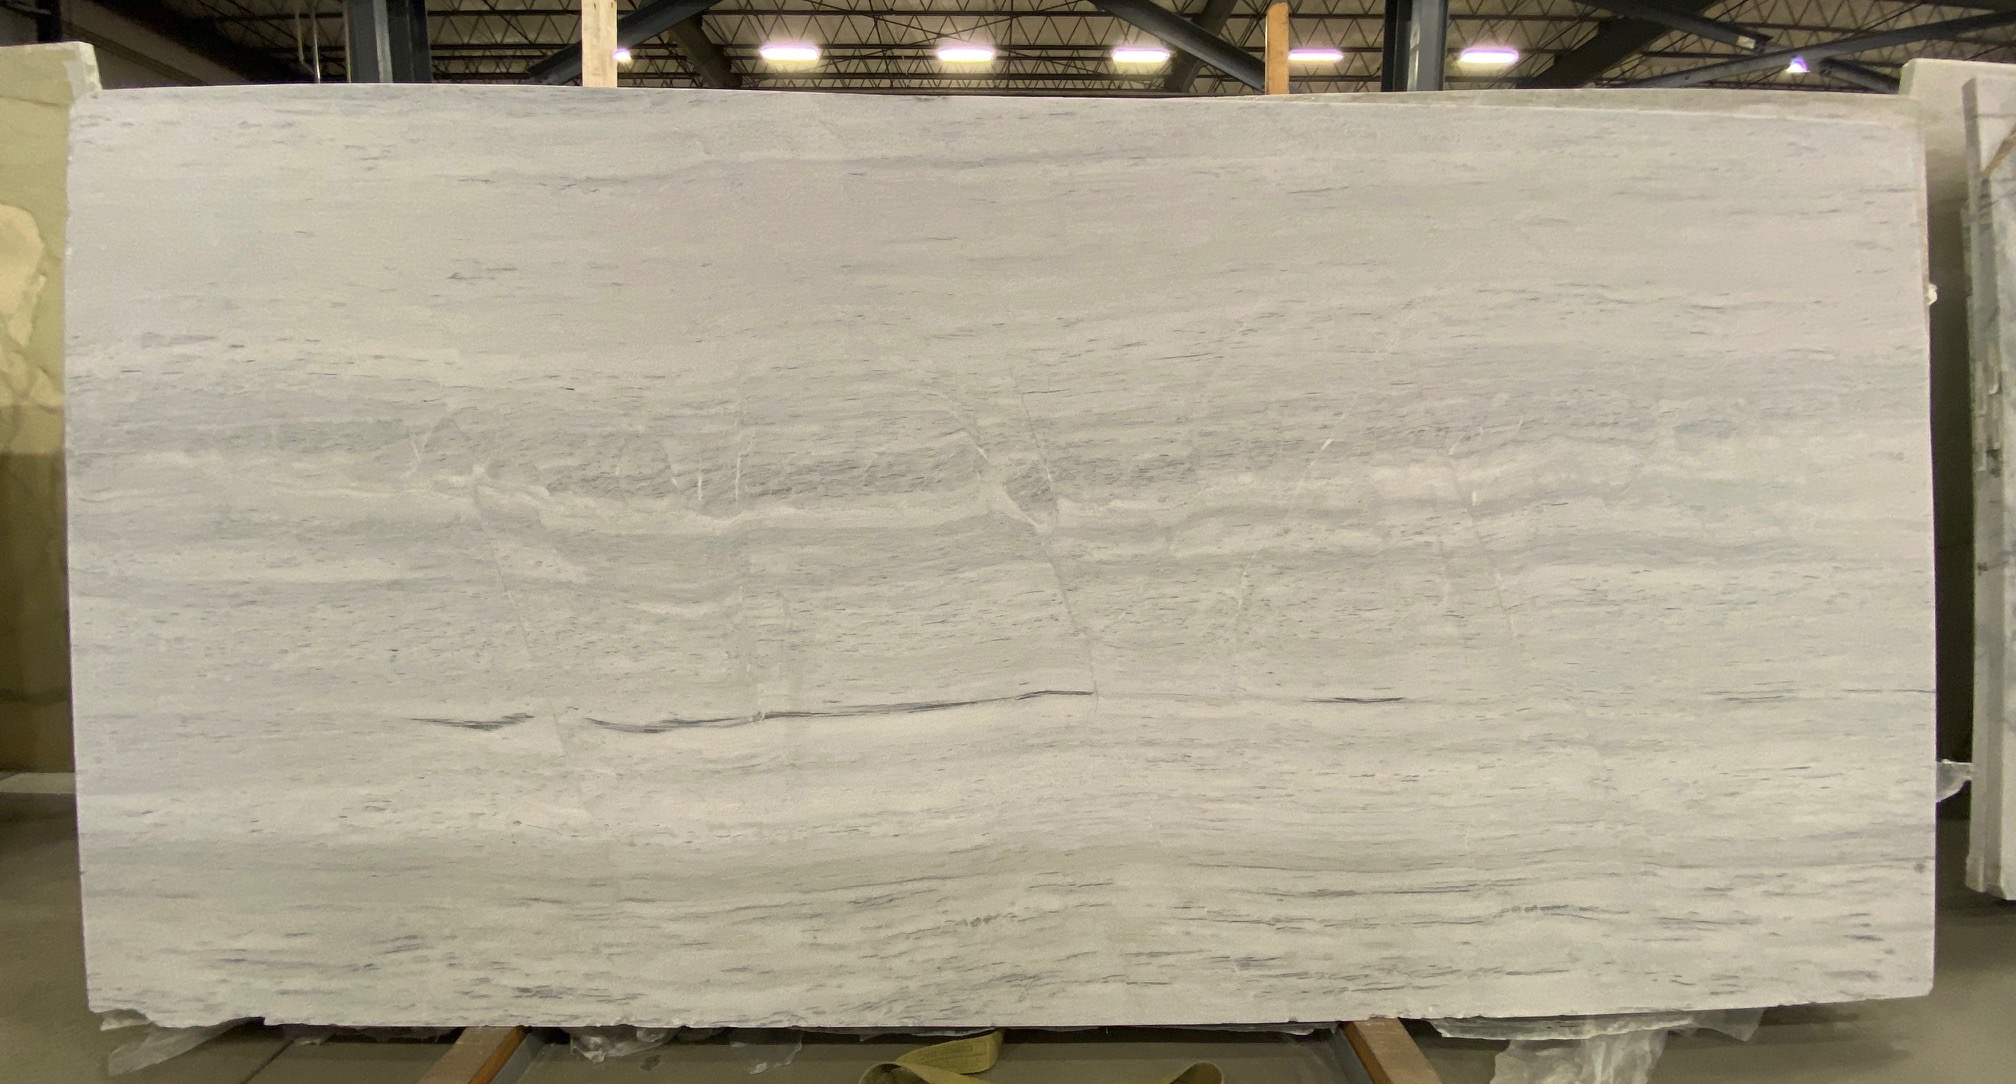 Ash Gray (H) 3/4'', Size: 101'' x 55'', Lot: 21084